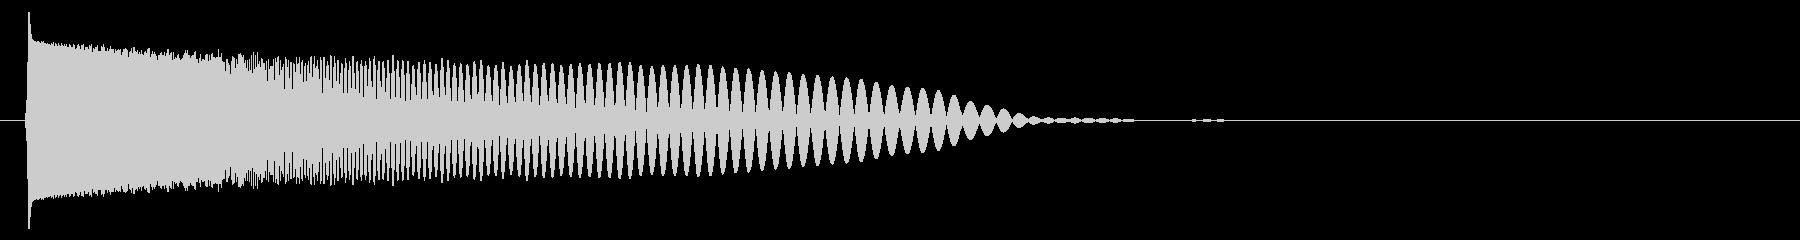 クラブ系 スワイプ音6の未再生の波形